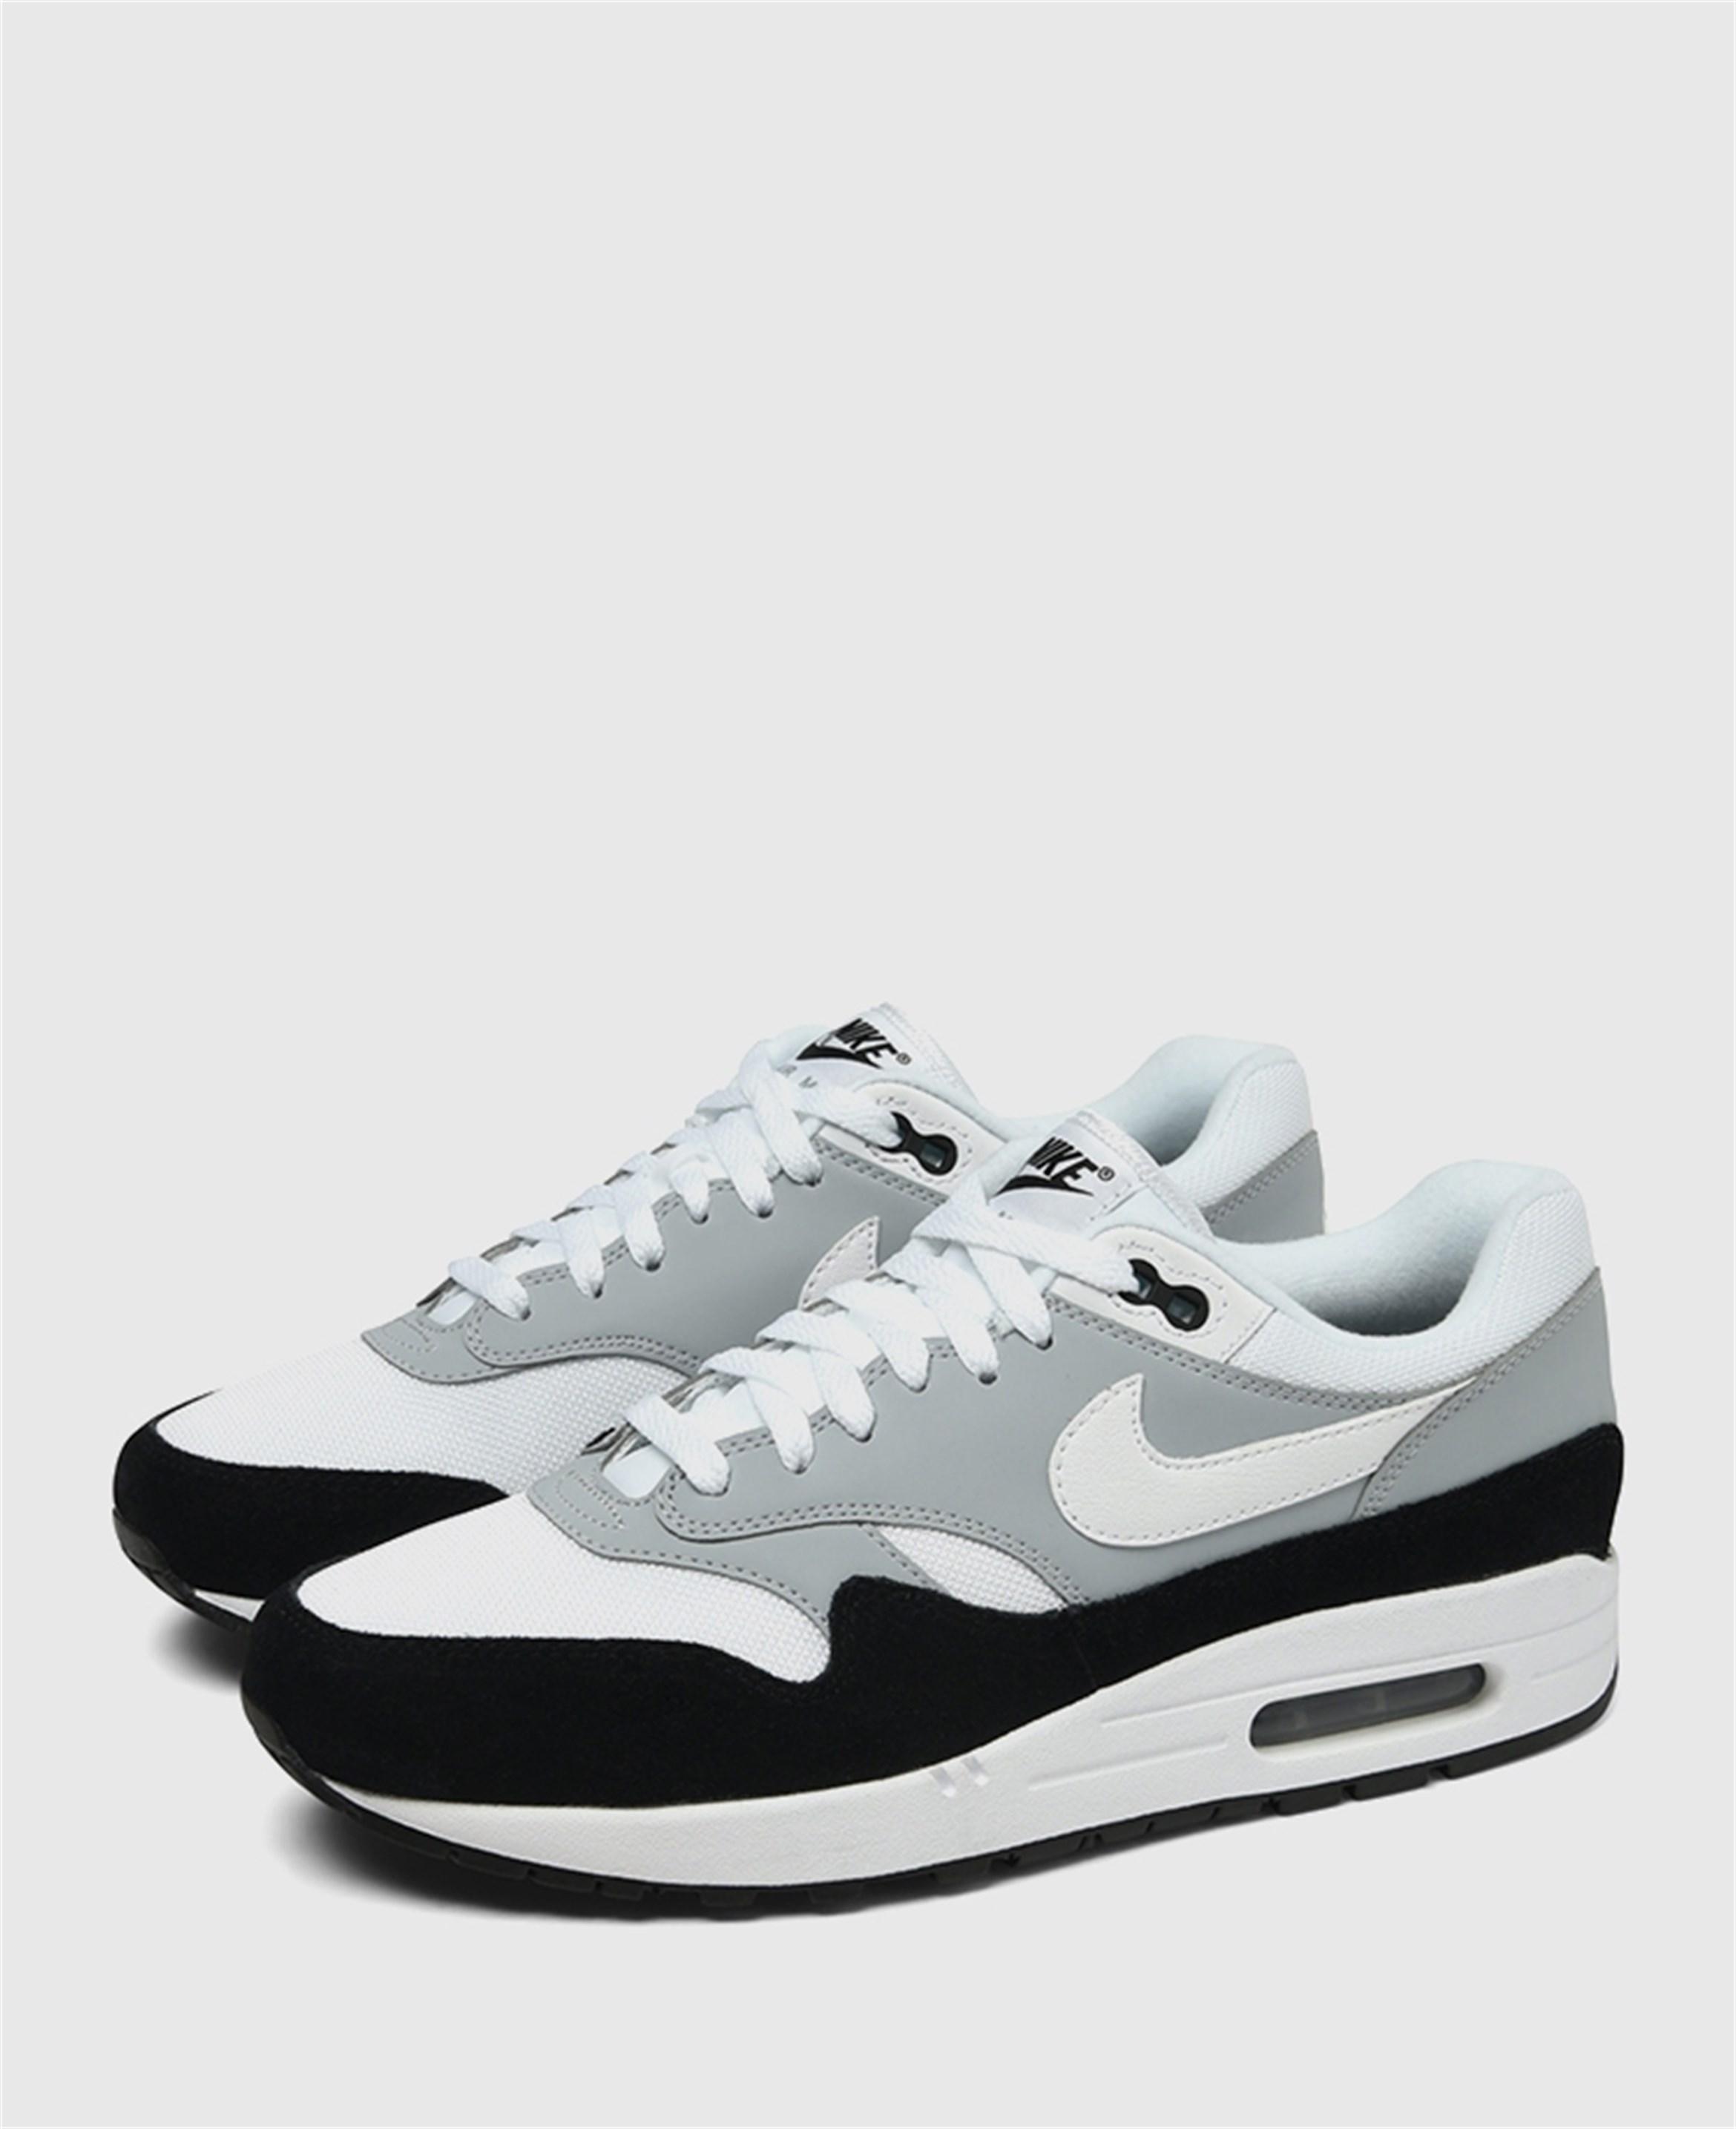 Selection de paires de chaussures en promo - Ex: Nike Air Max 1 Homme (